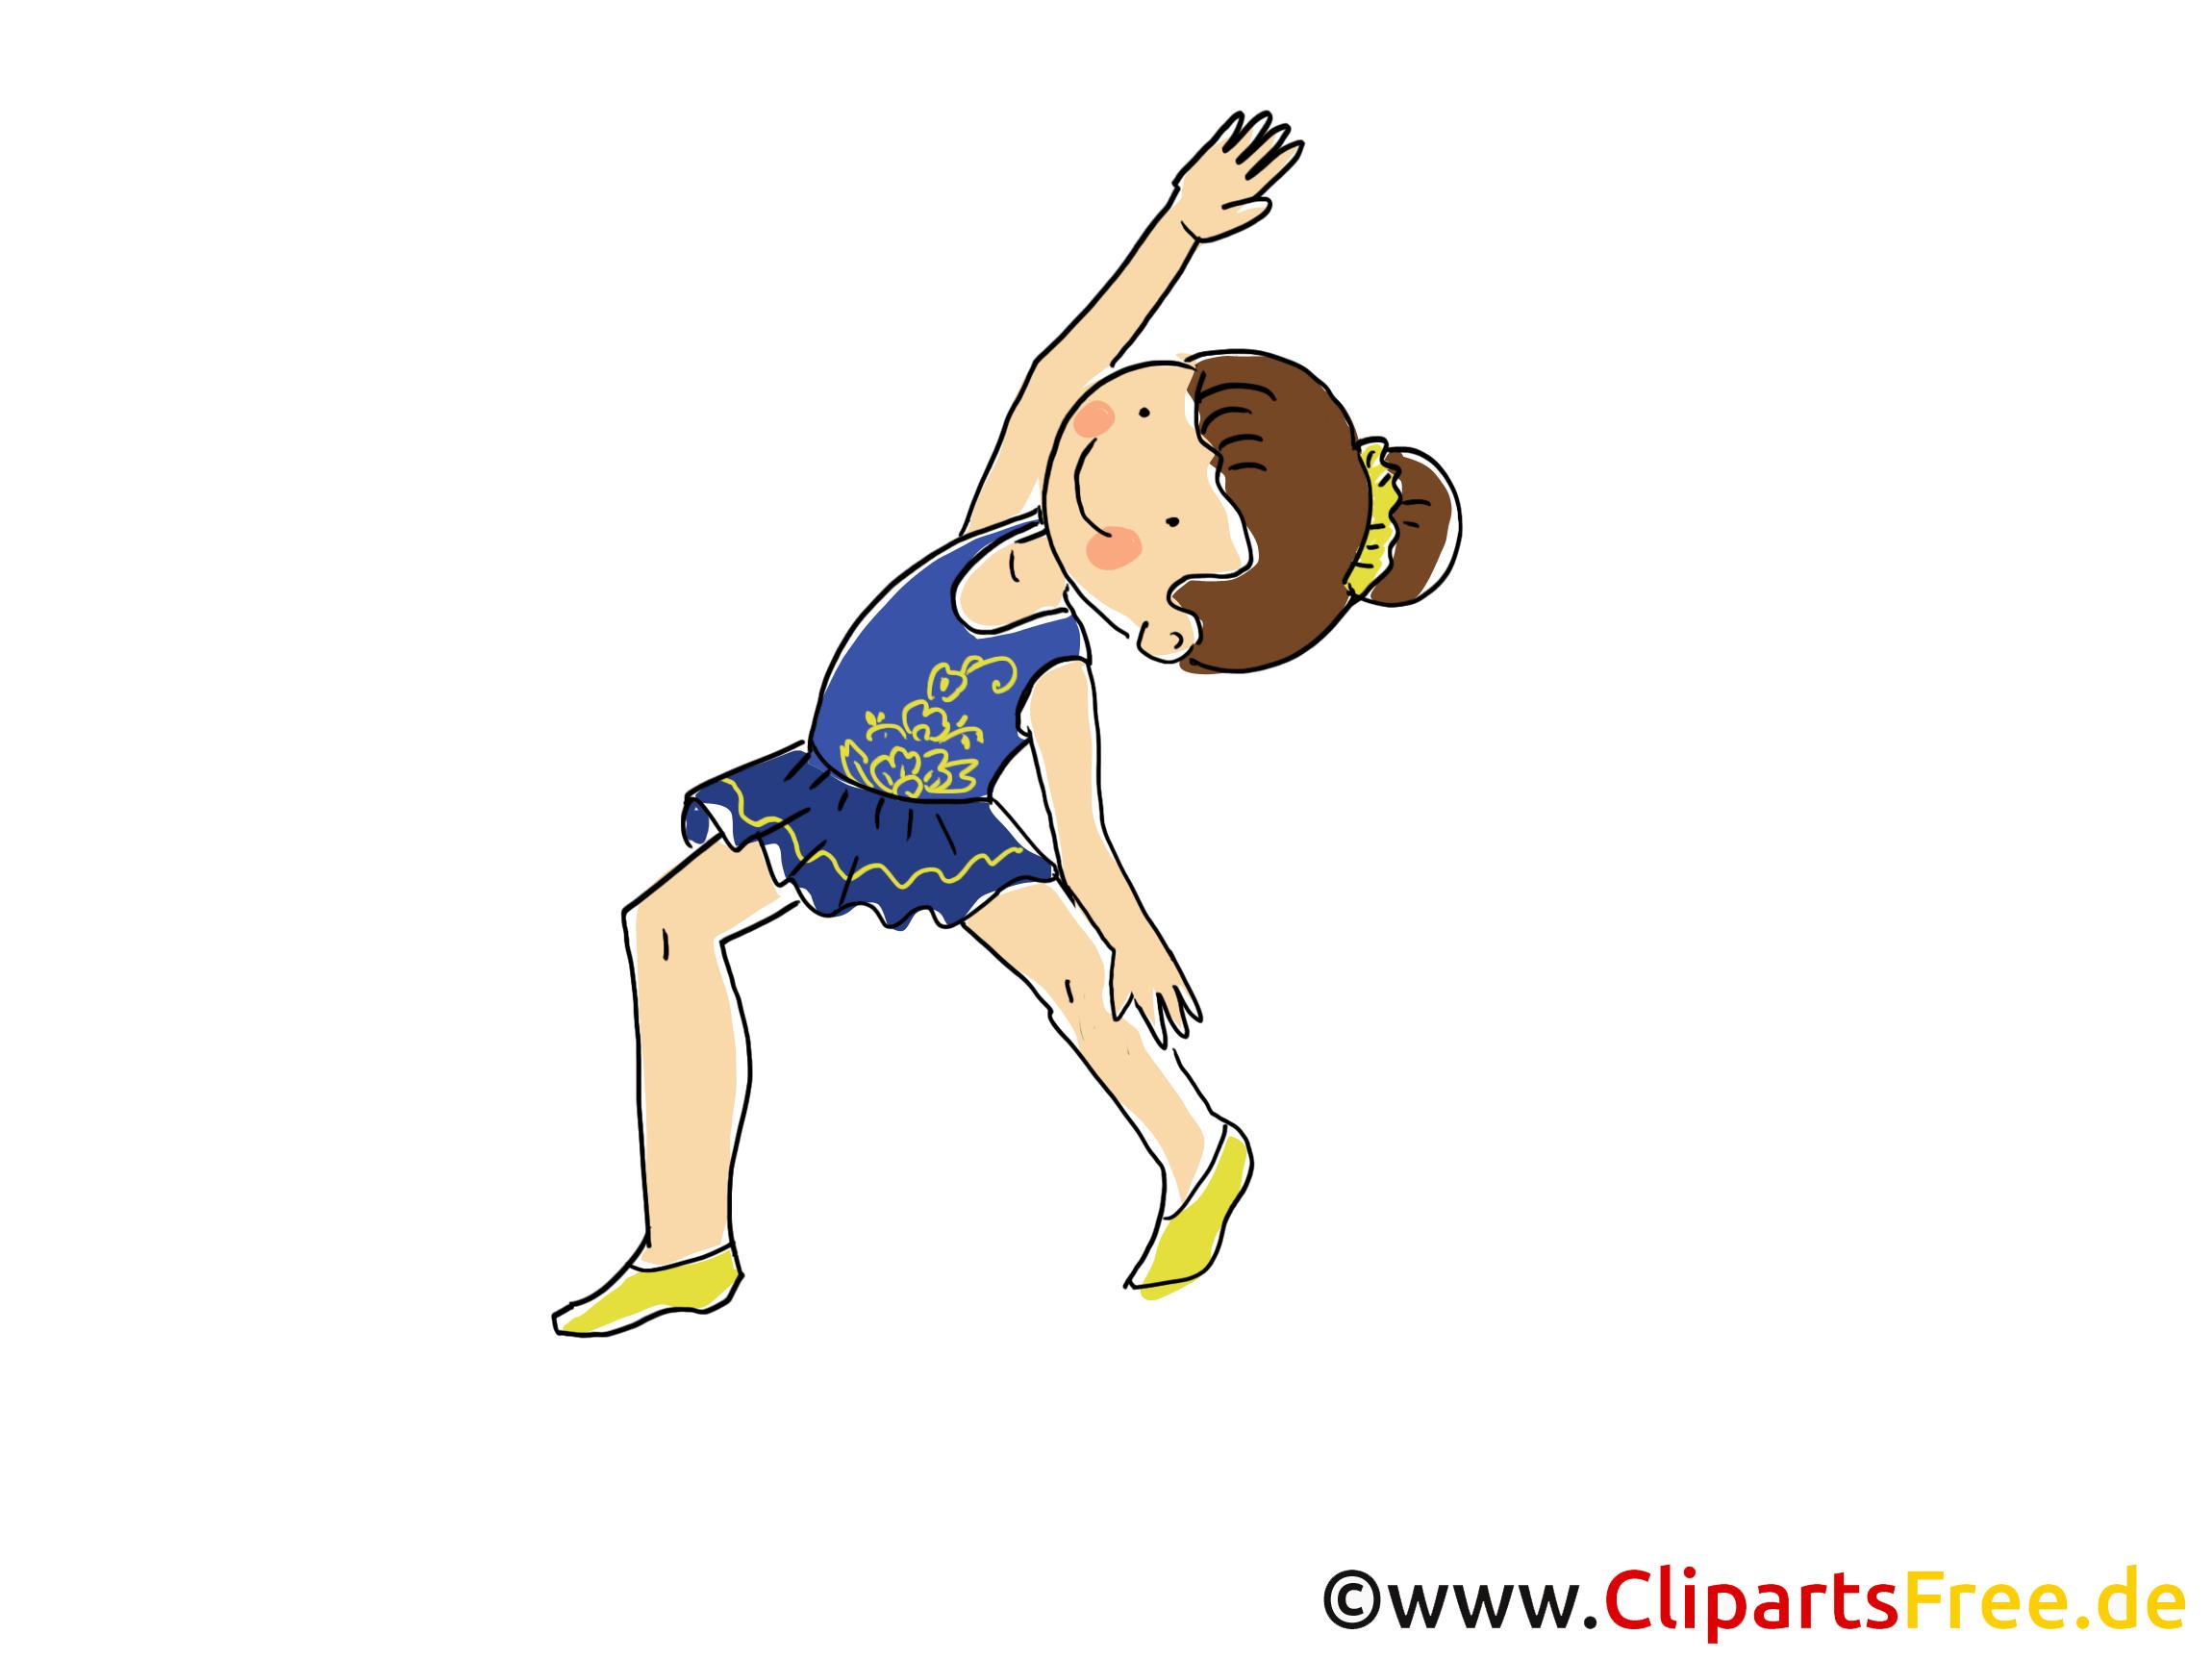 Gymnastique au sol cliparts gratuis - Athlète images